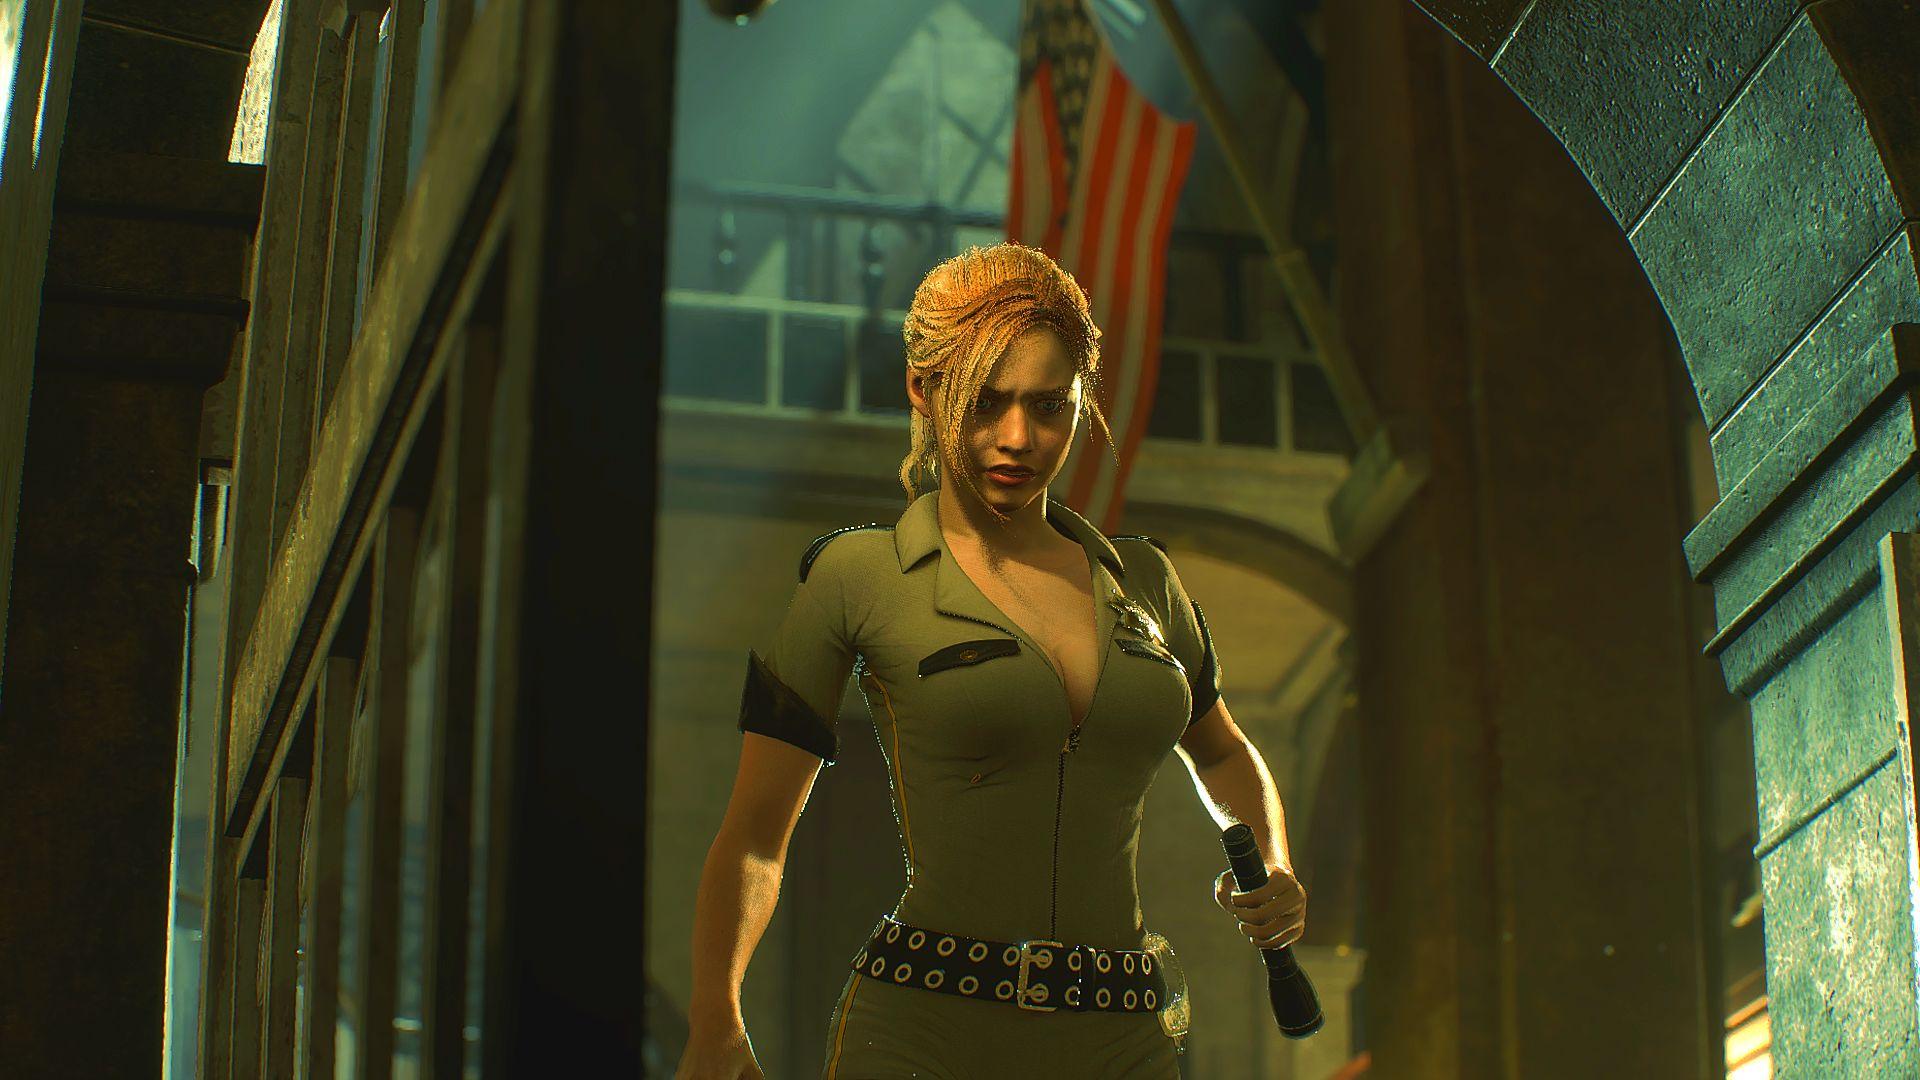 001217.Jpg - Resident Evil 2